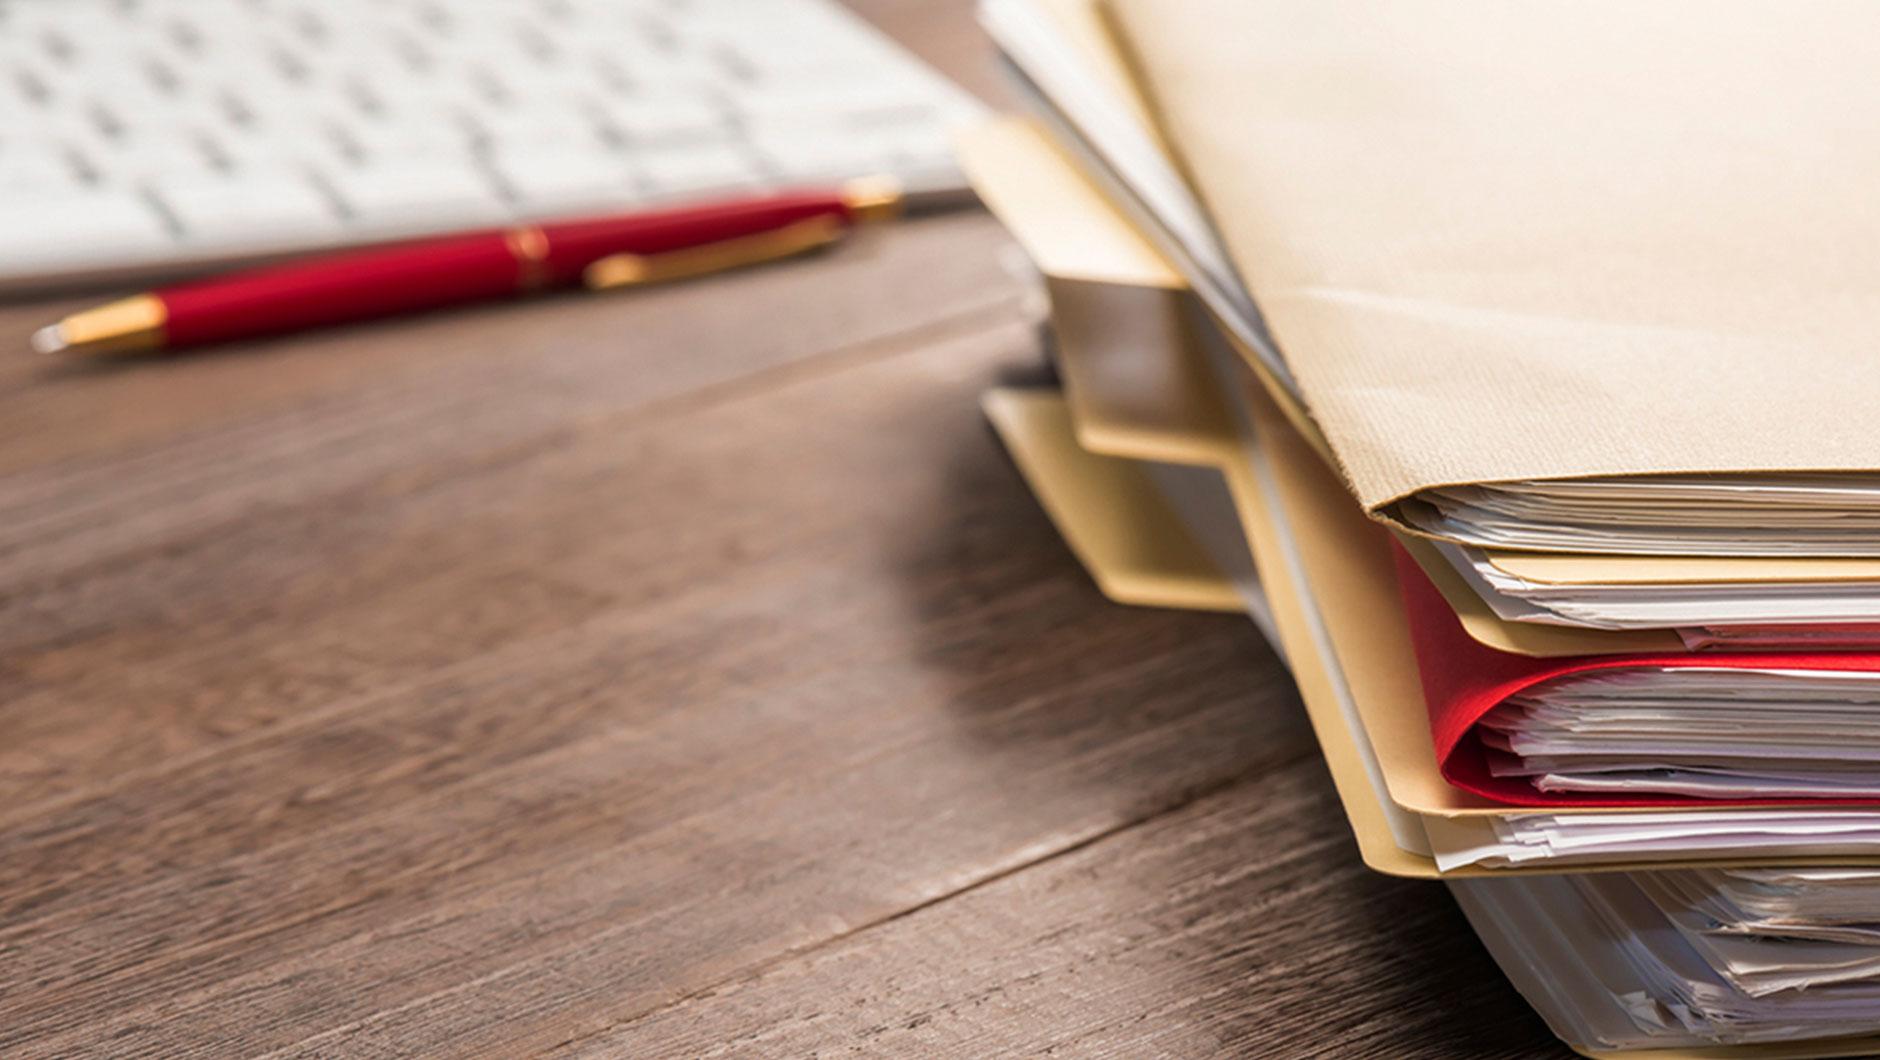 Документами, подтверждающими произведённые расходы, могут быть карт-чеки или выписка по счёту работника. При этом в них должна быть указана необходимая информация: фамилия, имя, отчество плательщика (лица, получение образования которого оплатил плательщик), сумма и дата оплаты, назначение платежа (включая номер и дату договора), сумма погашения основного долга, сумма погашения процентов. Если в карт-чеке или выписке нет перечисленных реквизитов, банк должен выдать справку, где укажет недостающую информацию